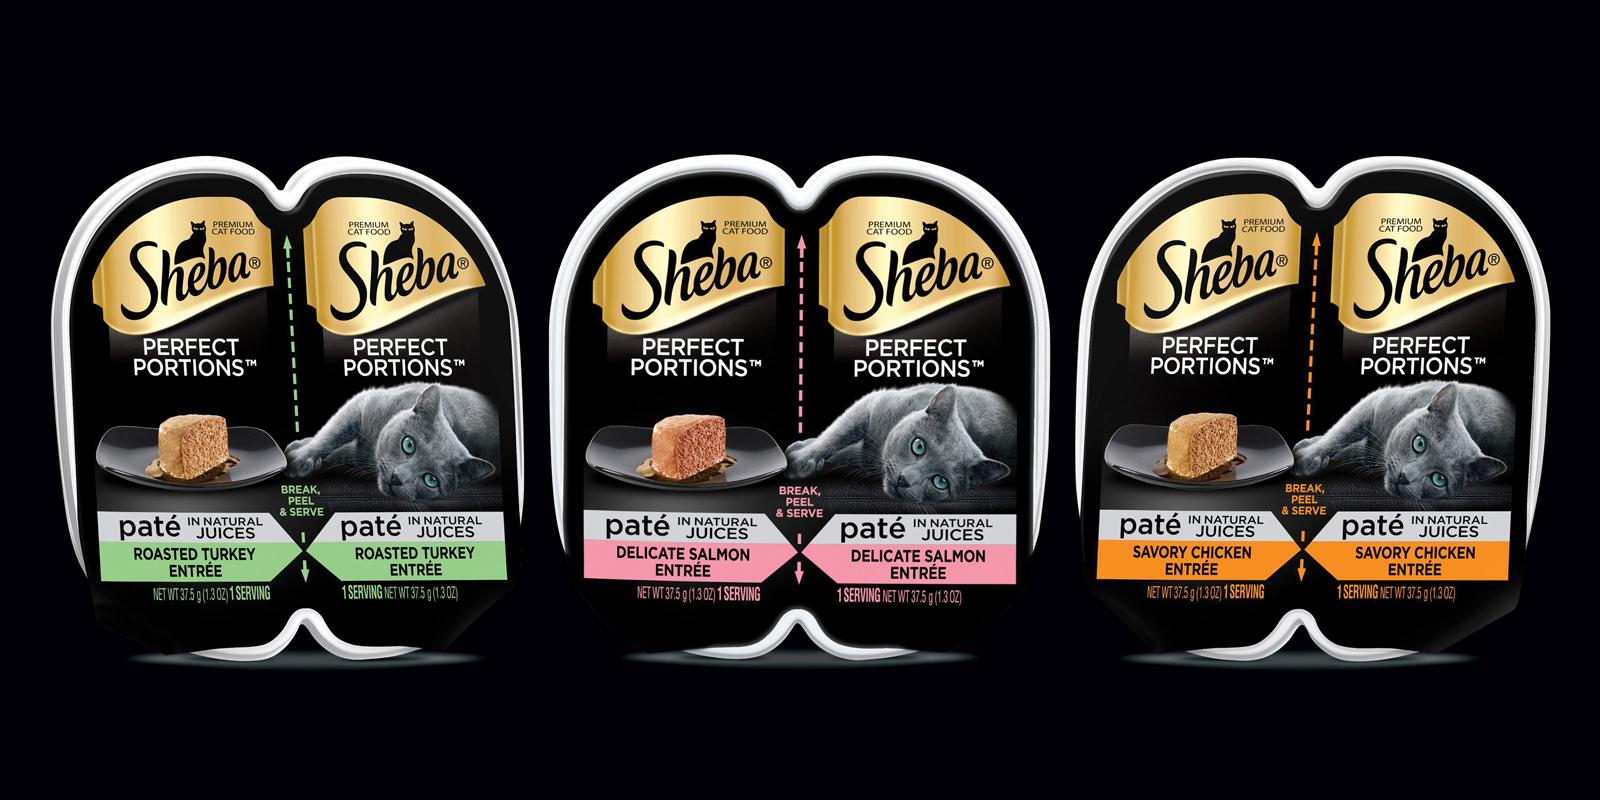 sheba-packaging.jpg